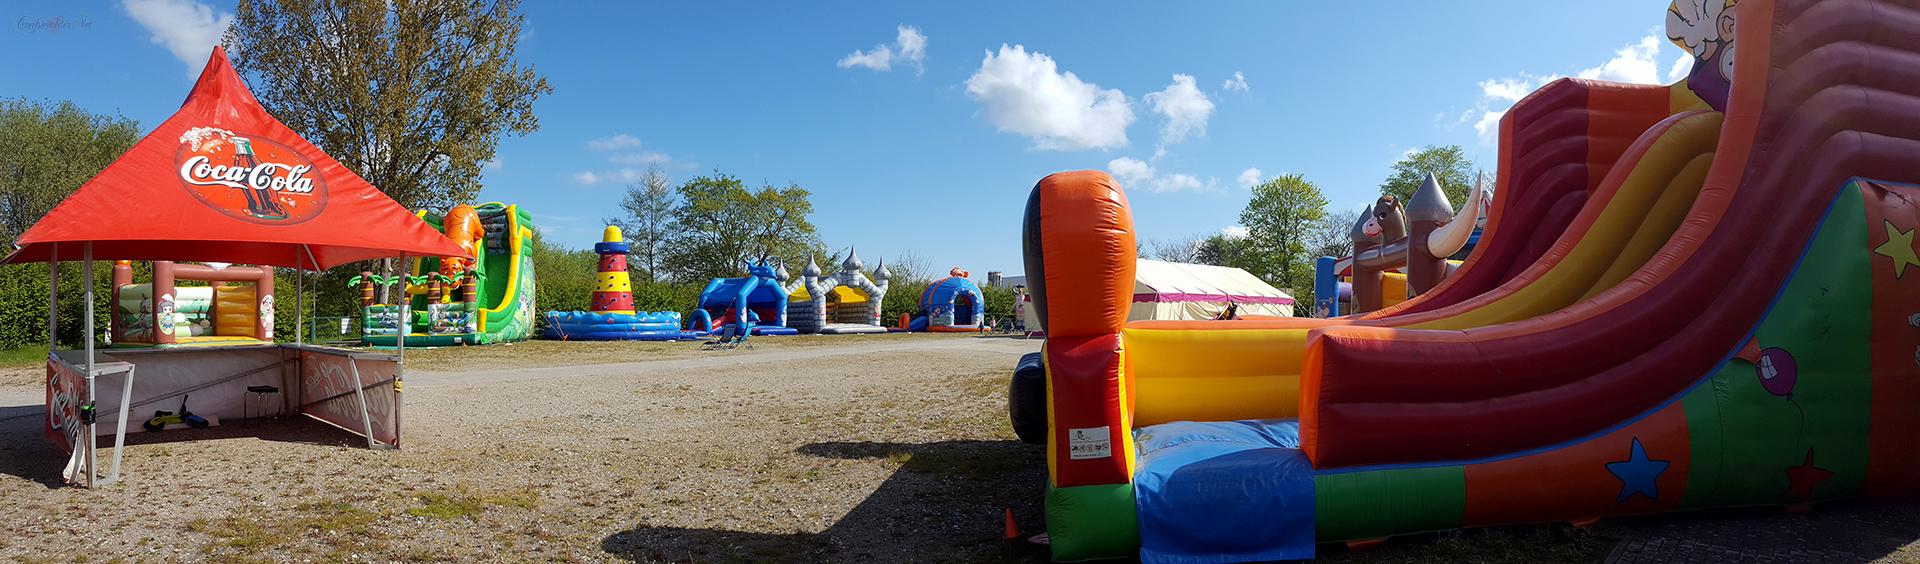 Mickys Hüpfburgen - Familien und Fun Park